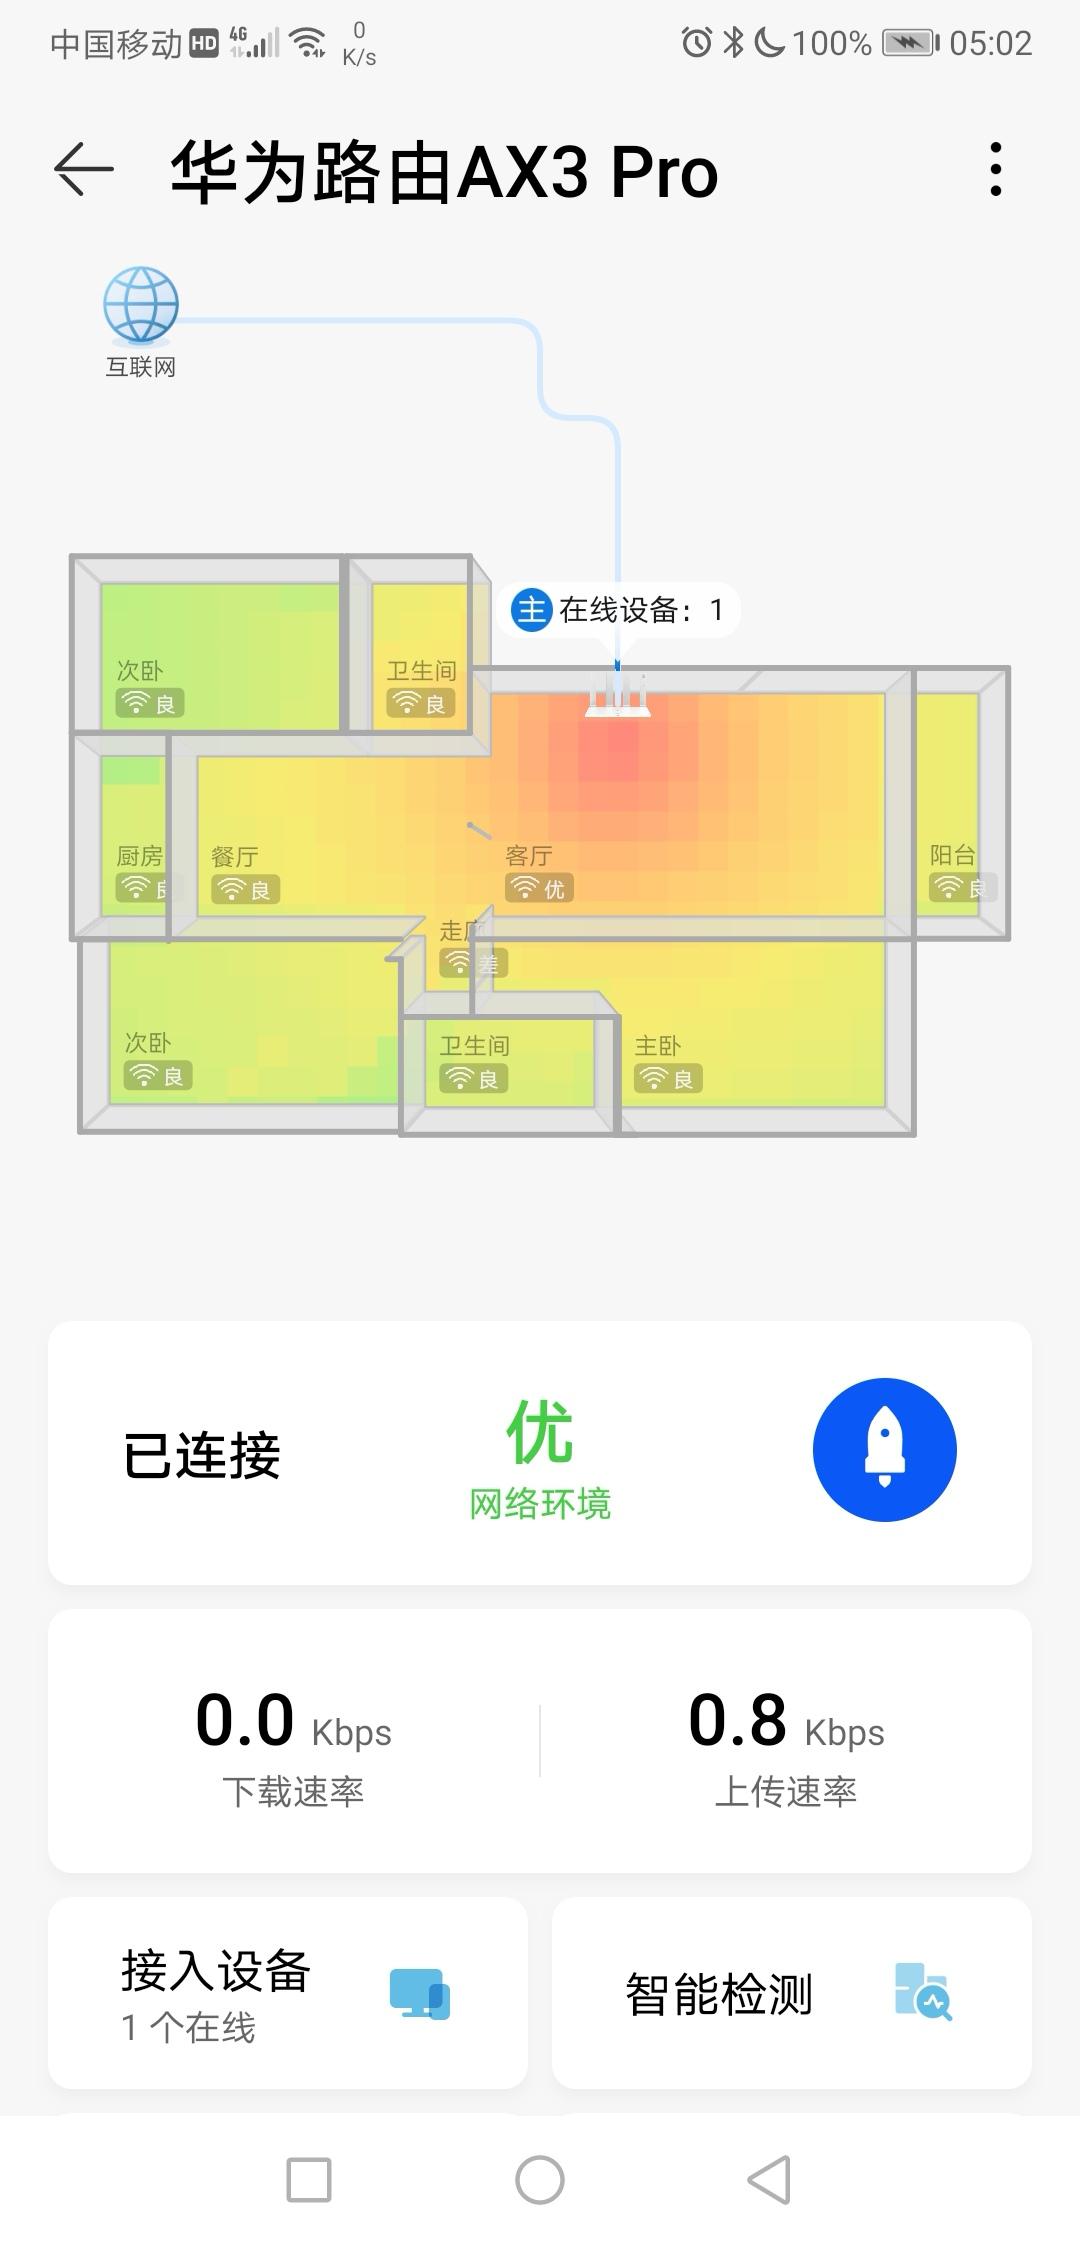 Screenshot_20210920_083120.jpg